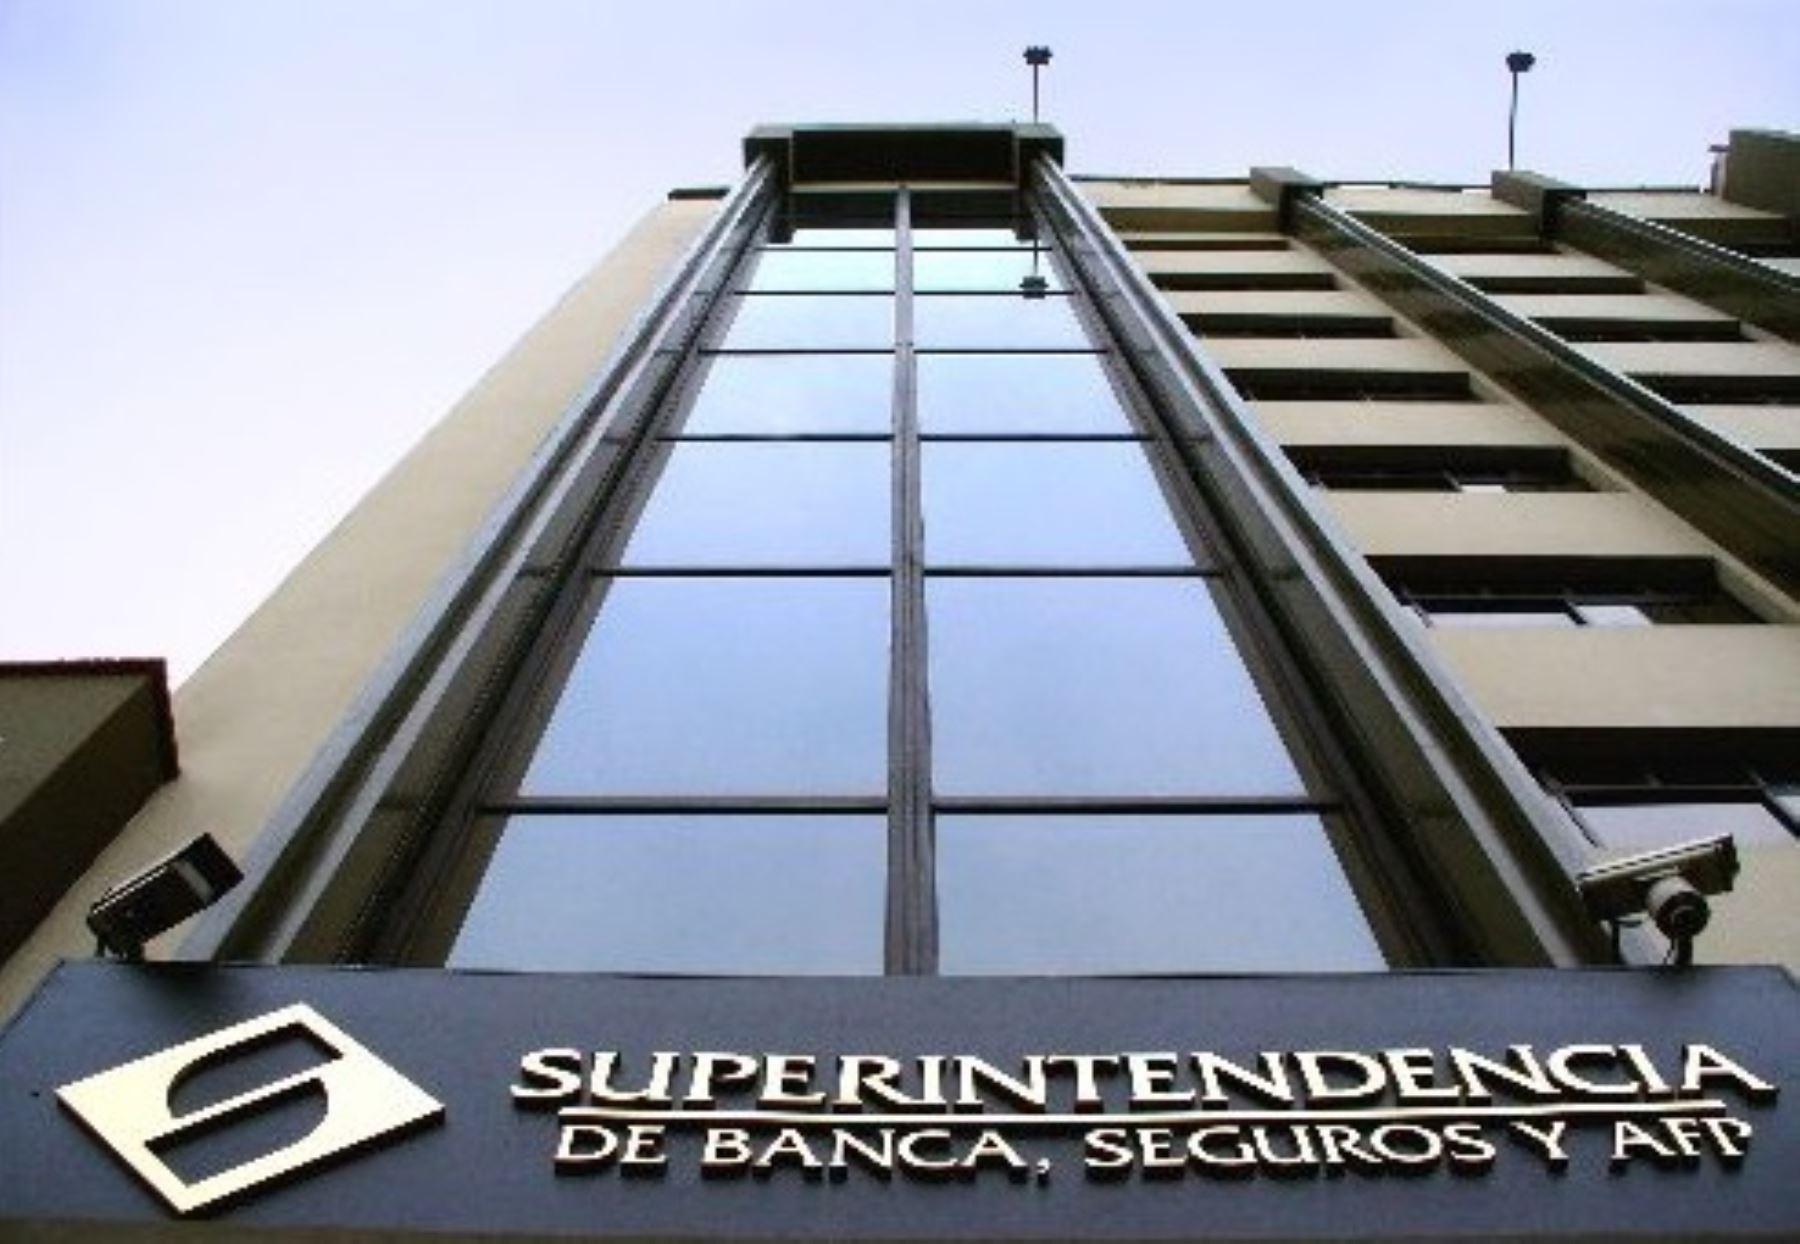 Superintendencia de Banca, Seguros y AFP (SBS)